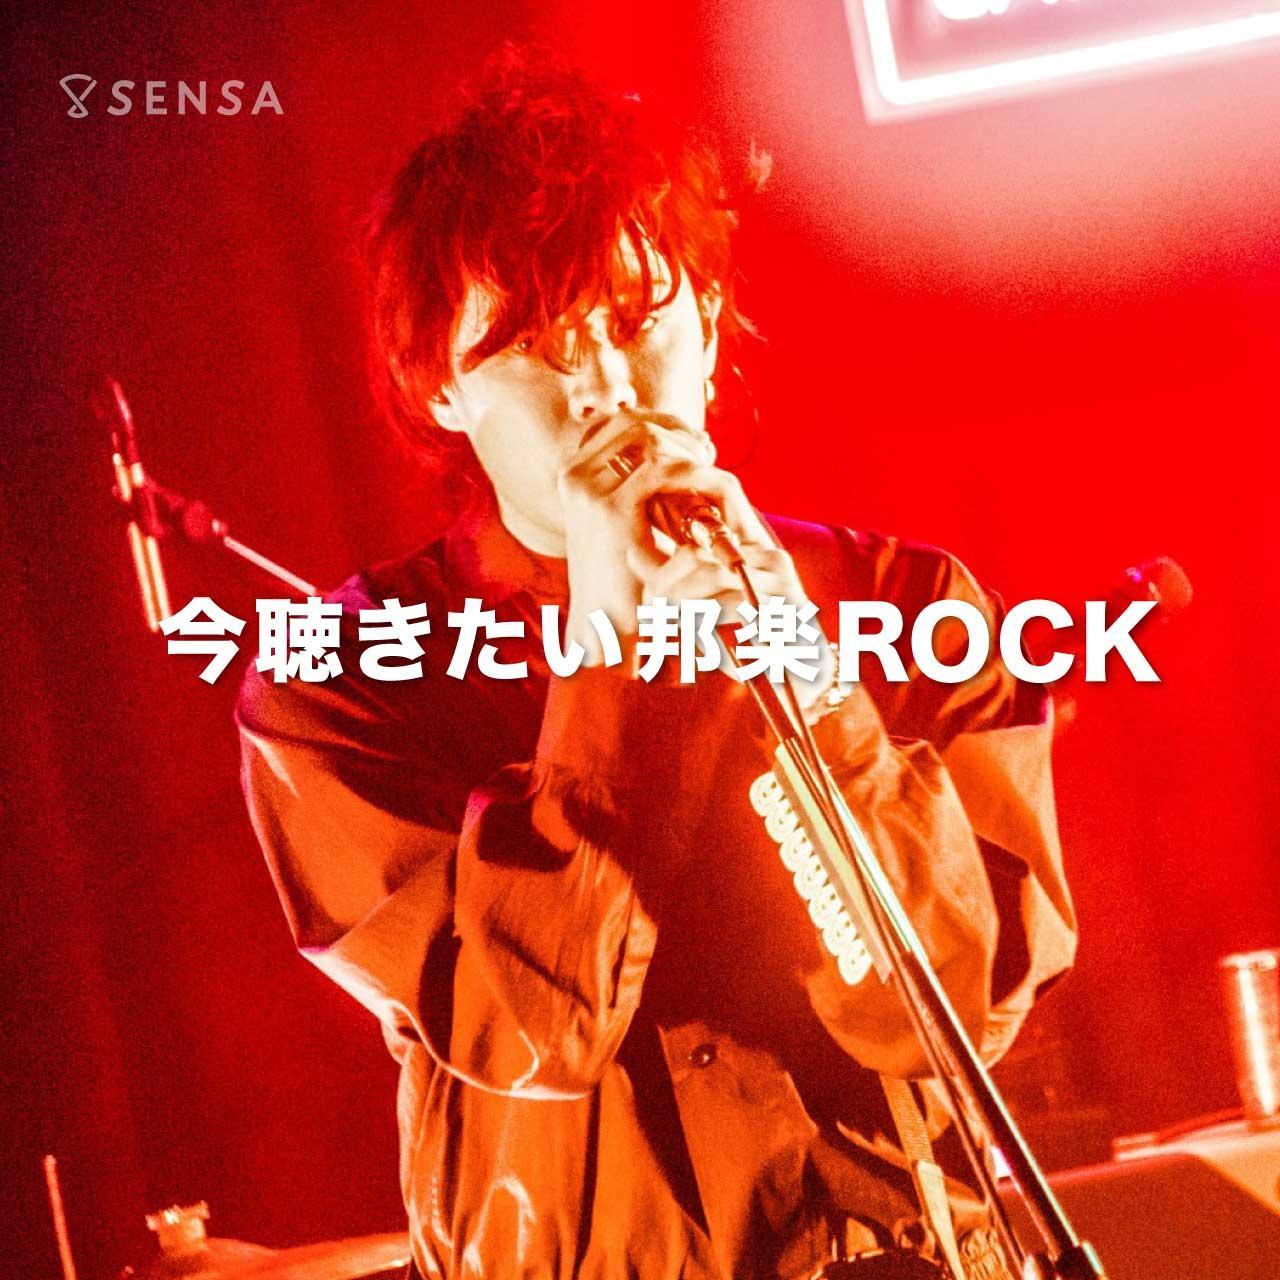 sensa_web_playlists_horock_202011.jpg